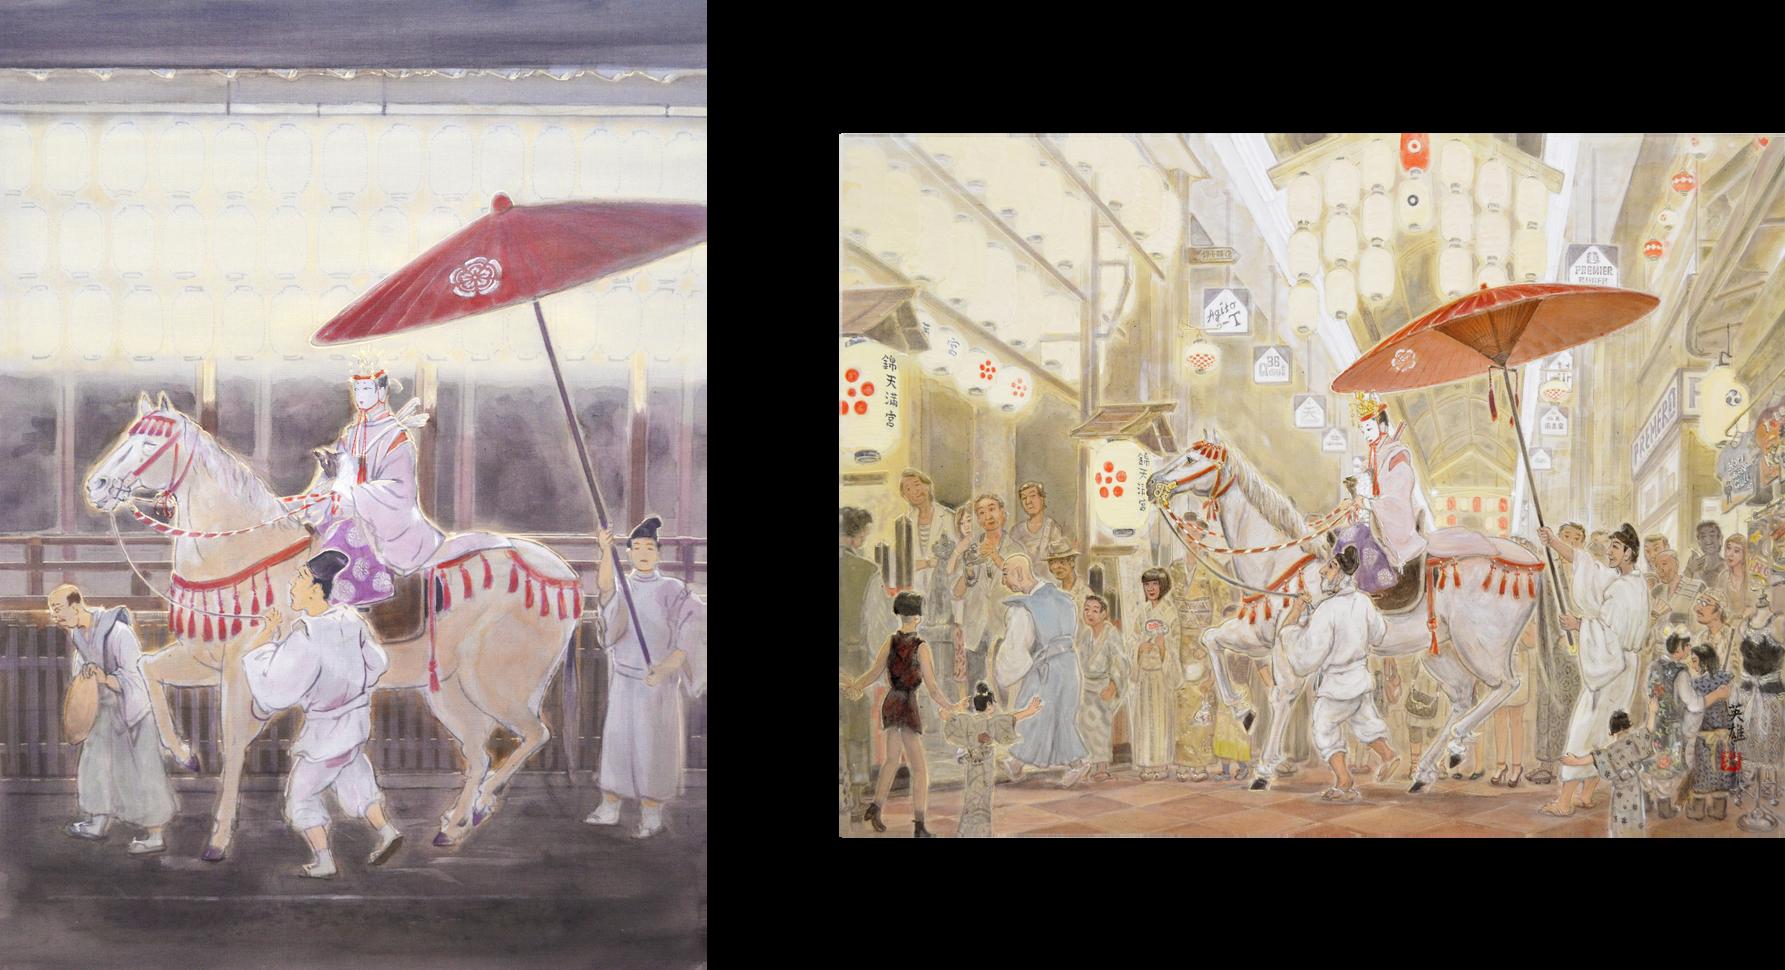 「久世駒形稚児 〜八坂神社〜」(左)・「久世駒形稚児 〜八坂神社〜」(右)